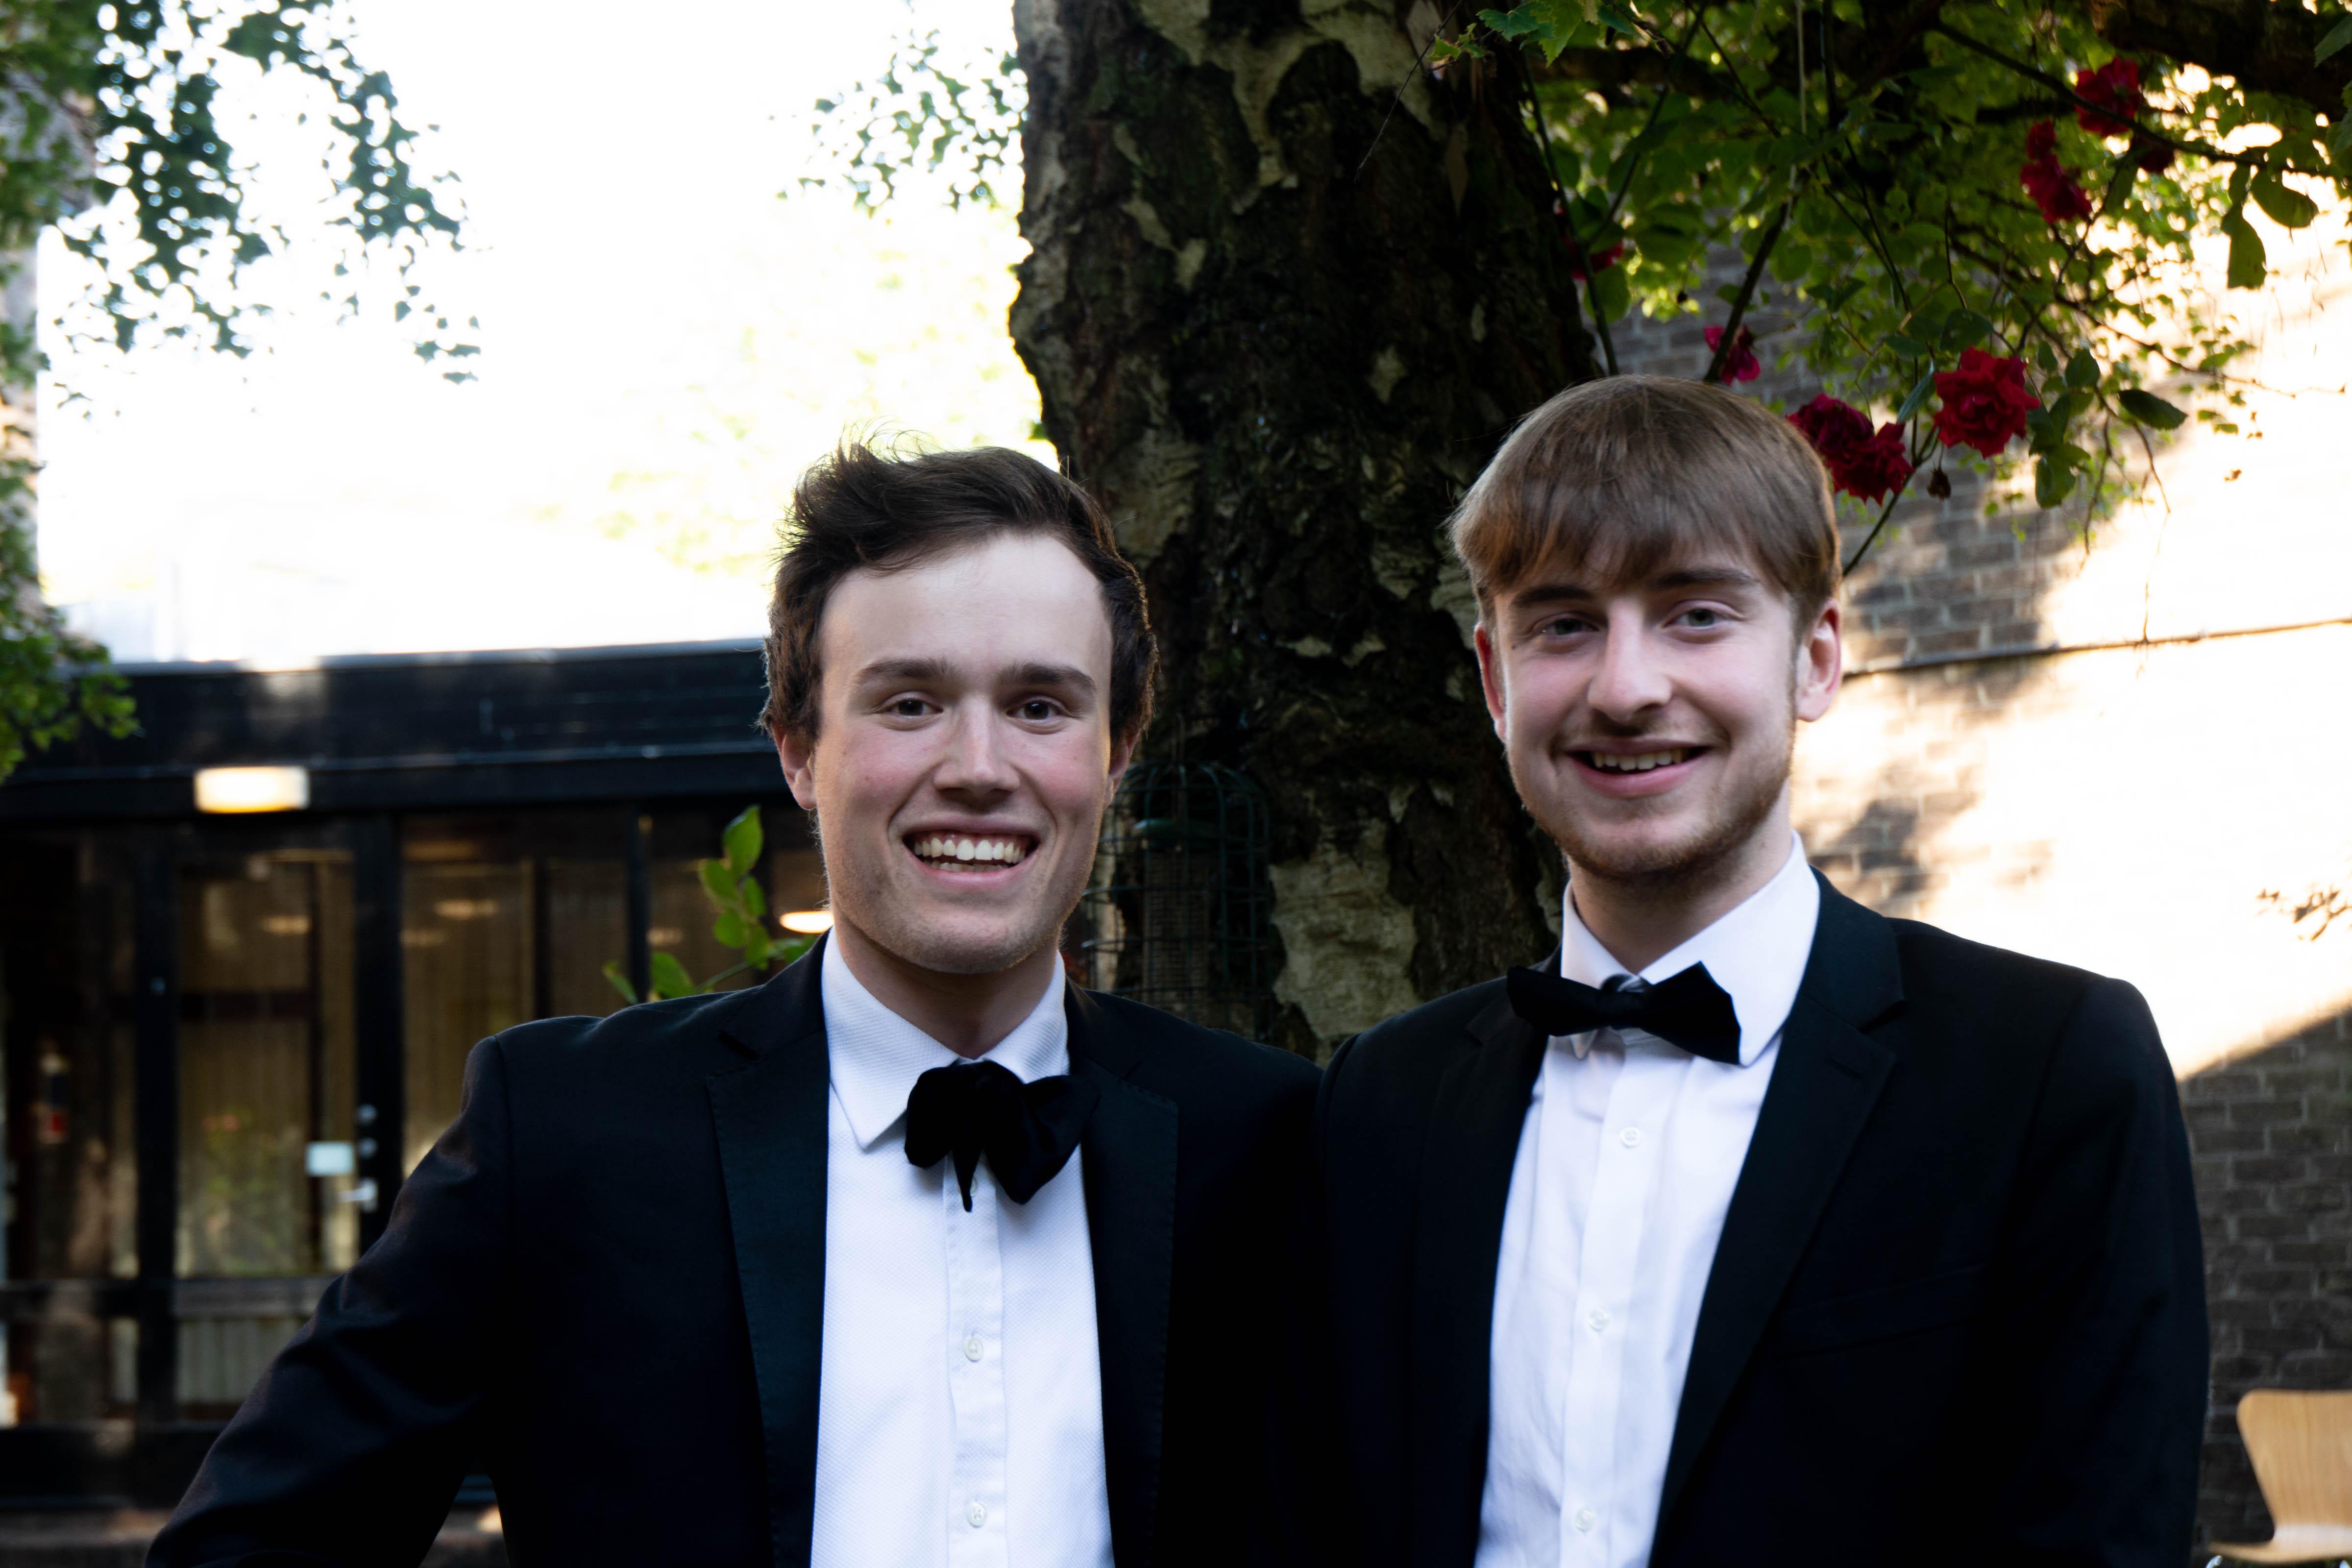 Ben Bauman & Tommy Wise